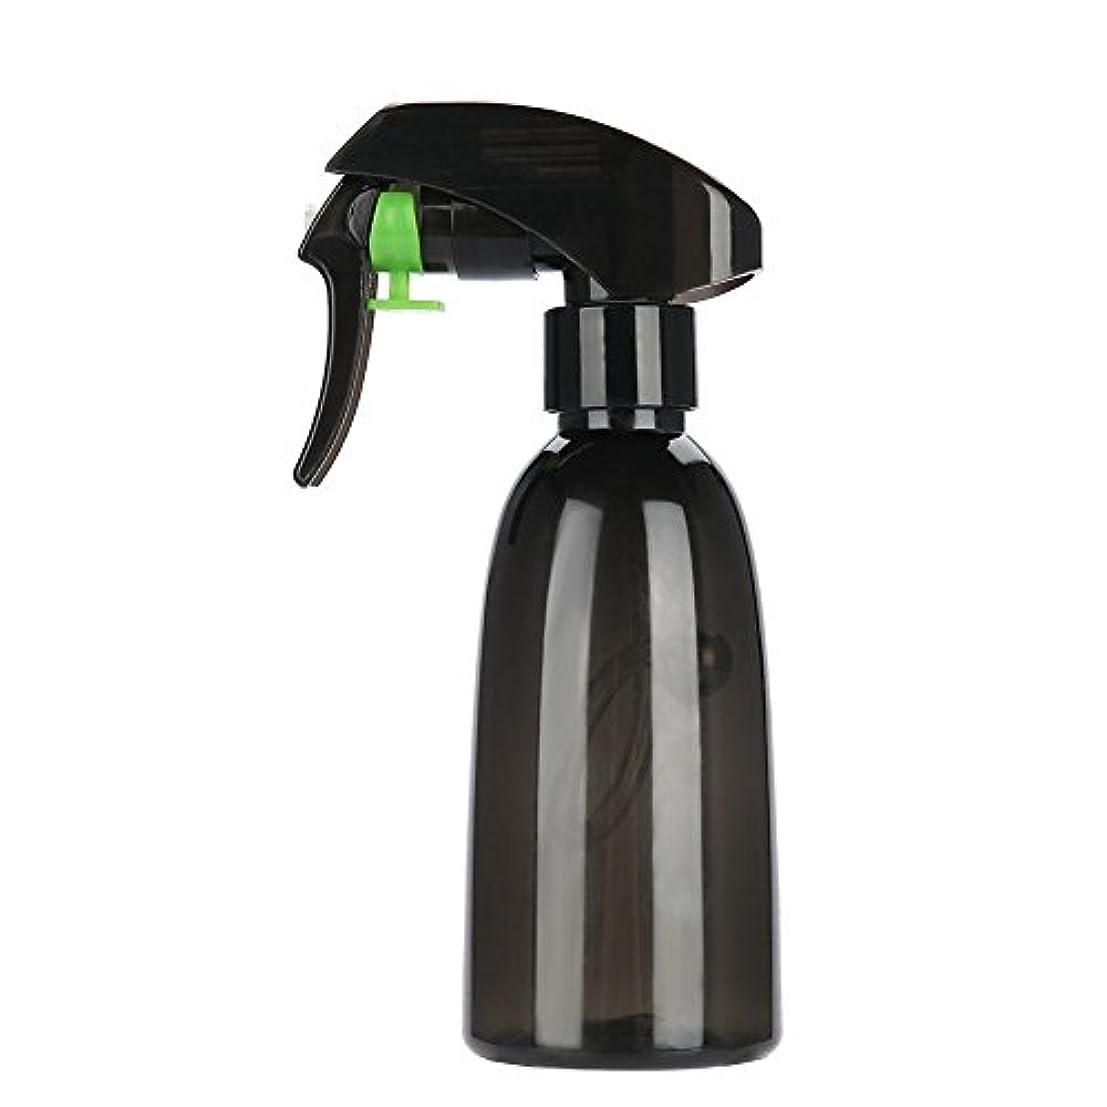 地殻軍団欲求不満水スプレー、2色詰め替え式プラスチック理髪スプレーボトル水スプレーサロン理容ツール(ダークグリーン)